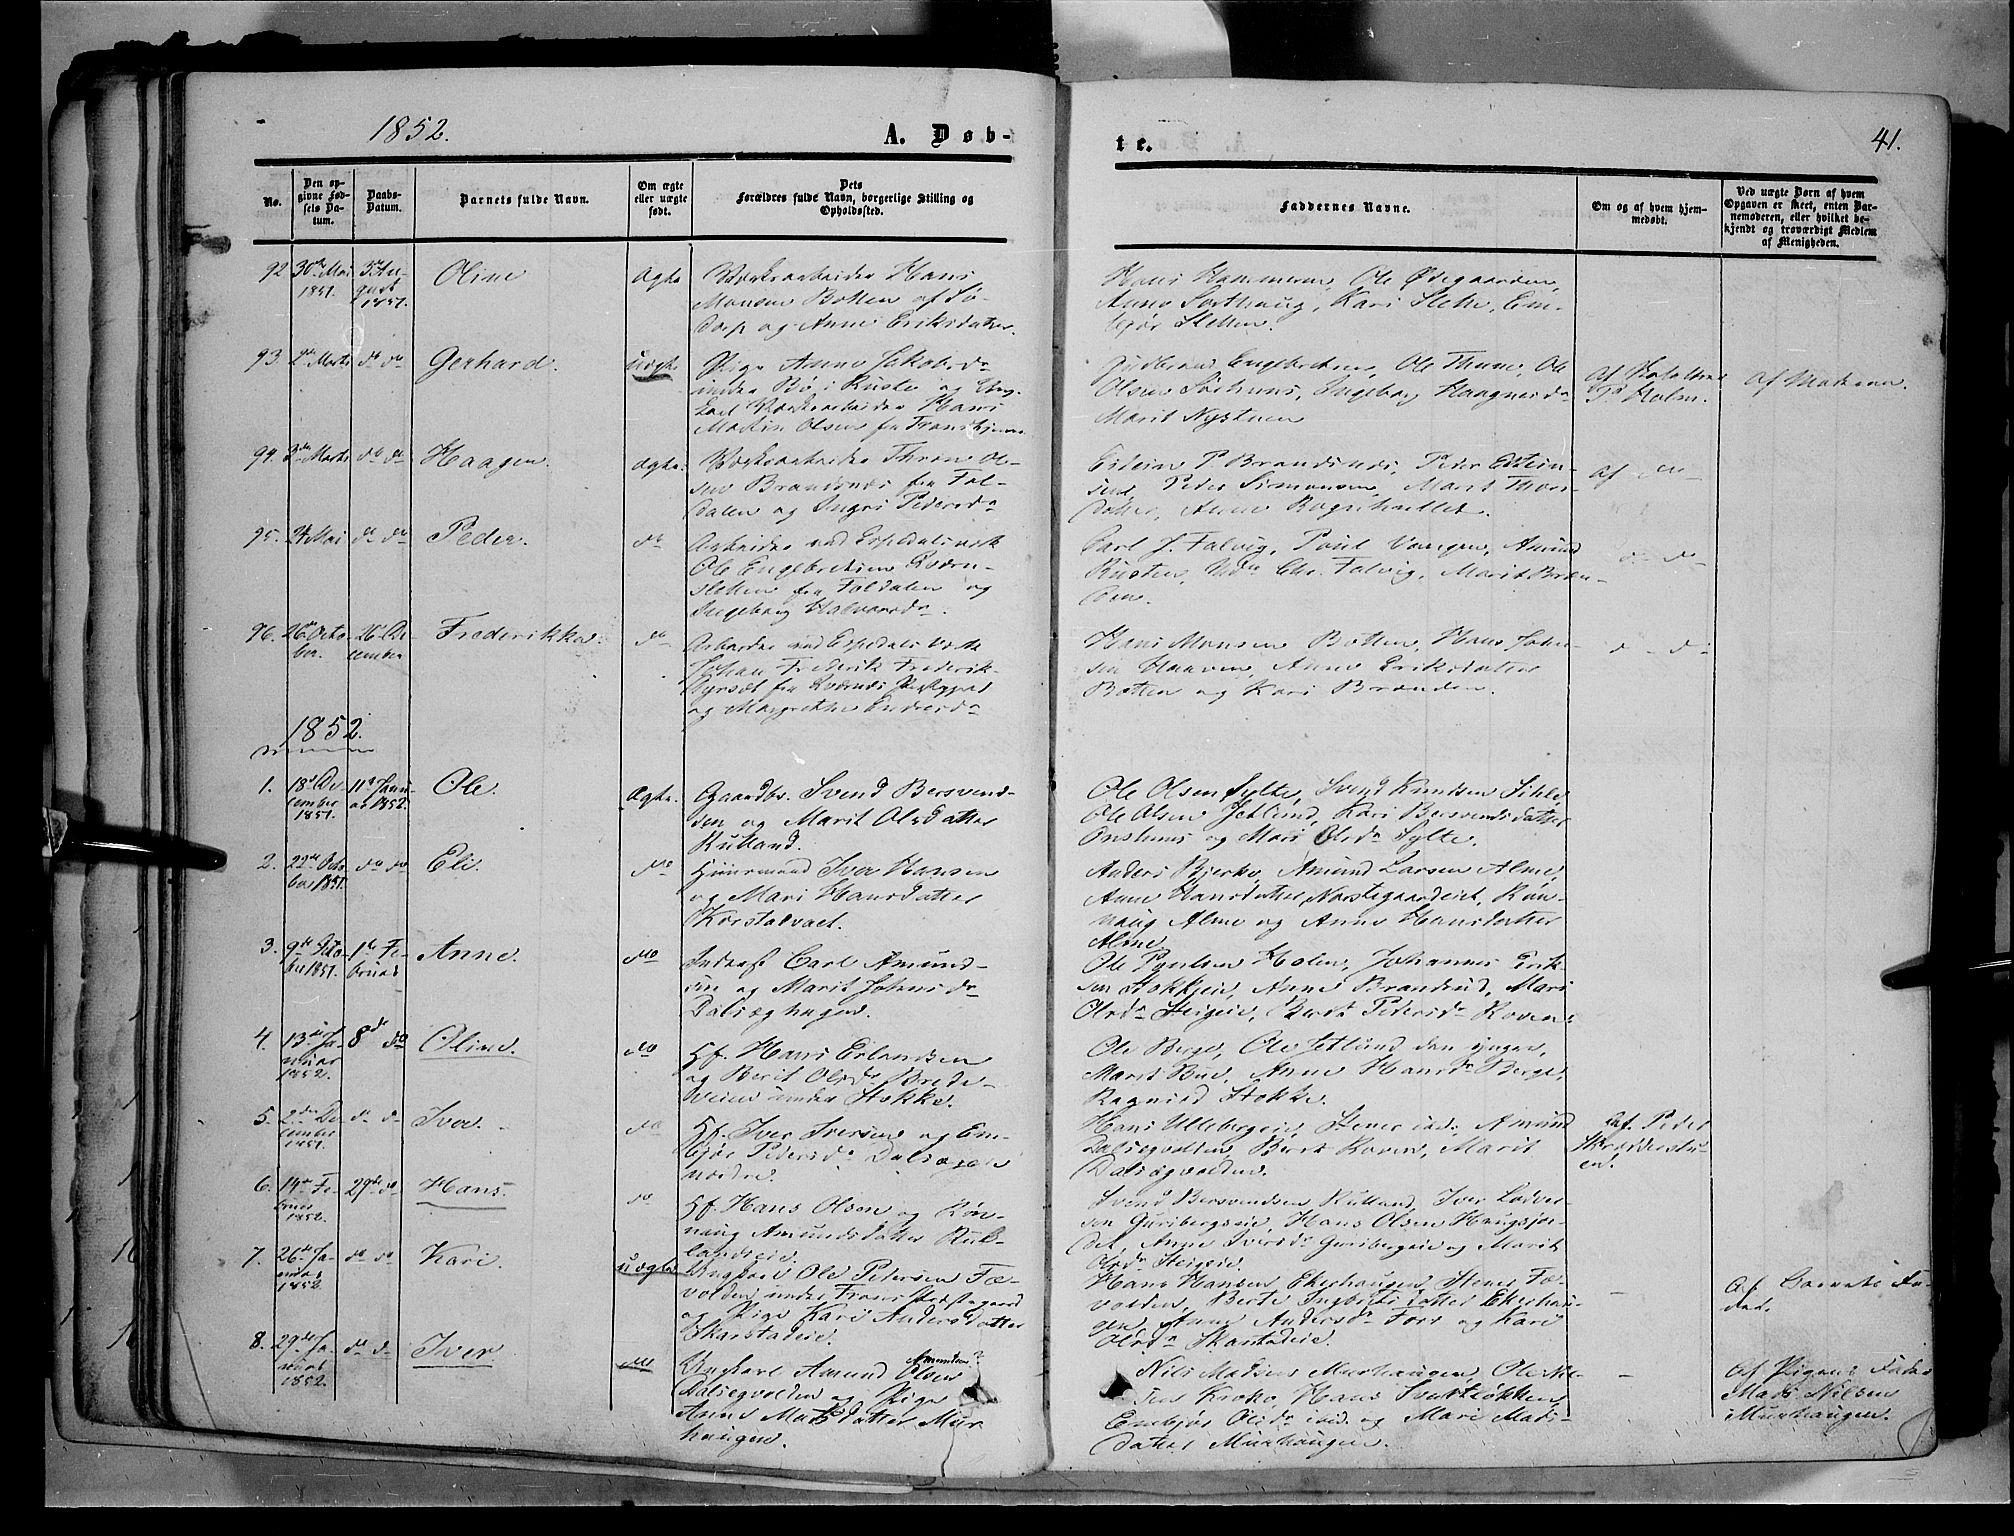 SAH, Sør-Fron prestekontor, H/Ha/Haa/L0001: Ministerialbok nr. 1, 1849-1863, s. 41